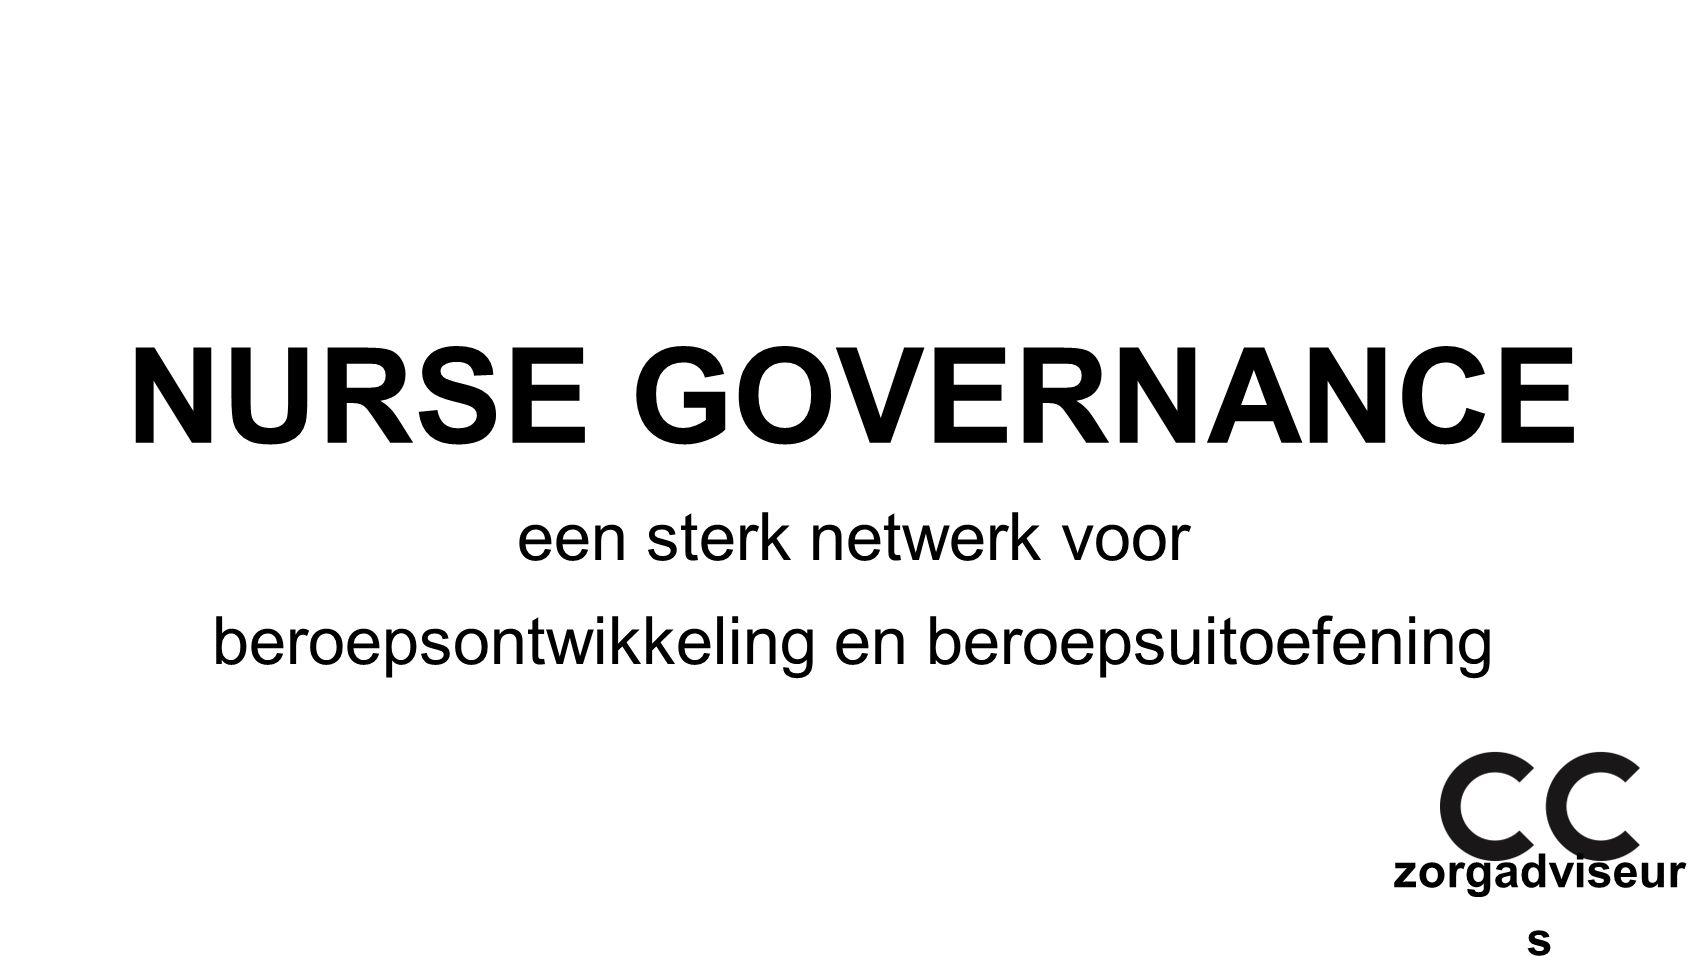 zorgadviseur s NURSE GOVERNANCE een sterk netwerk voor beroepsontwikkeling en beroepsuitoefening